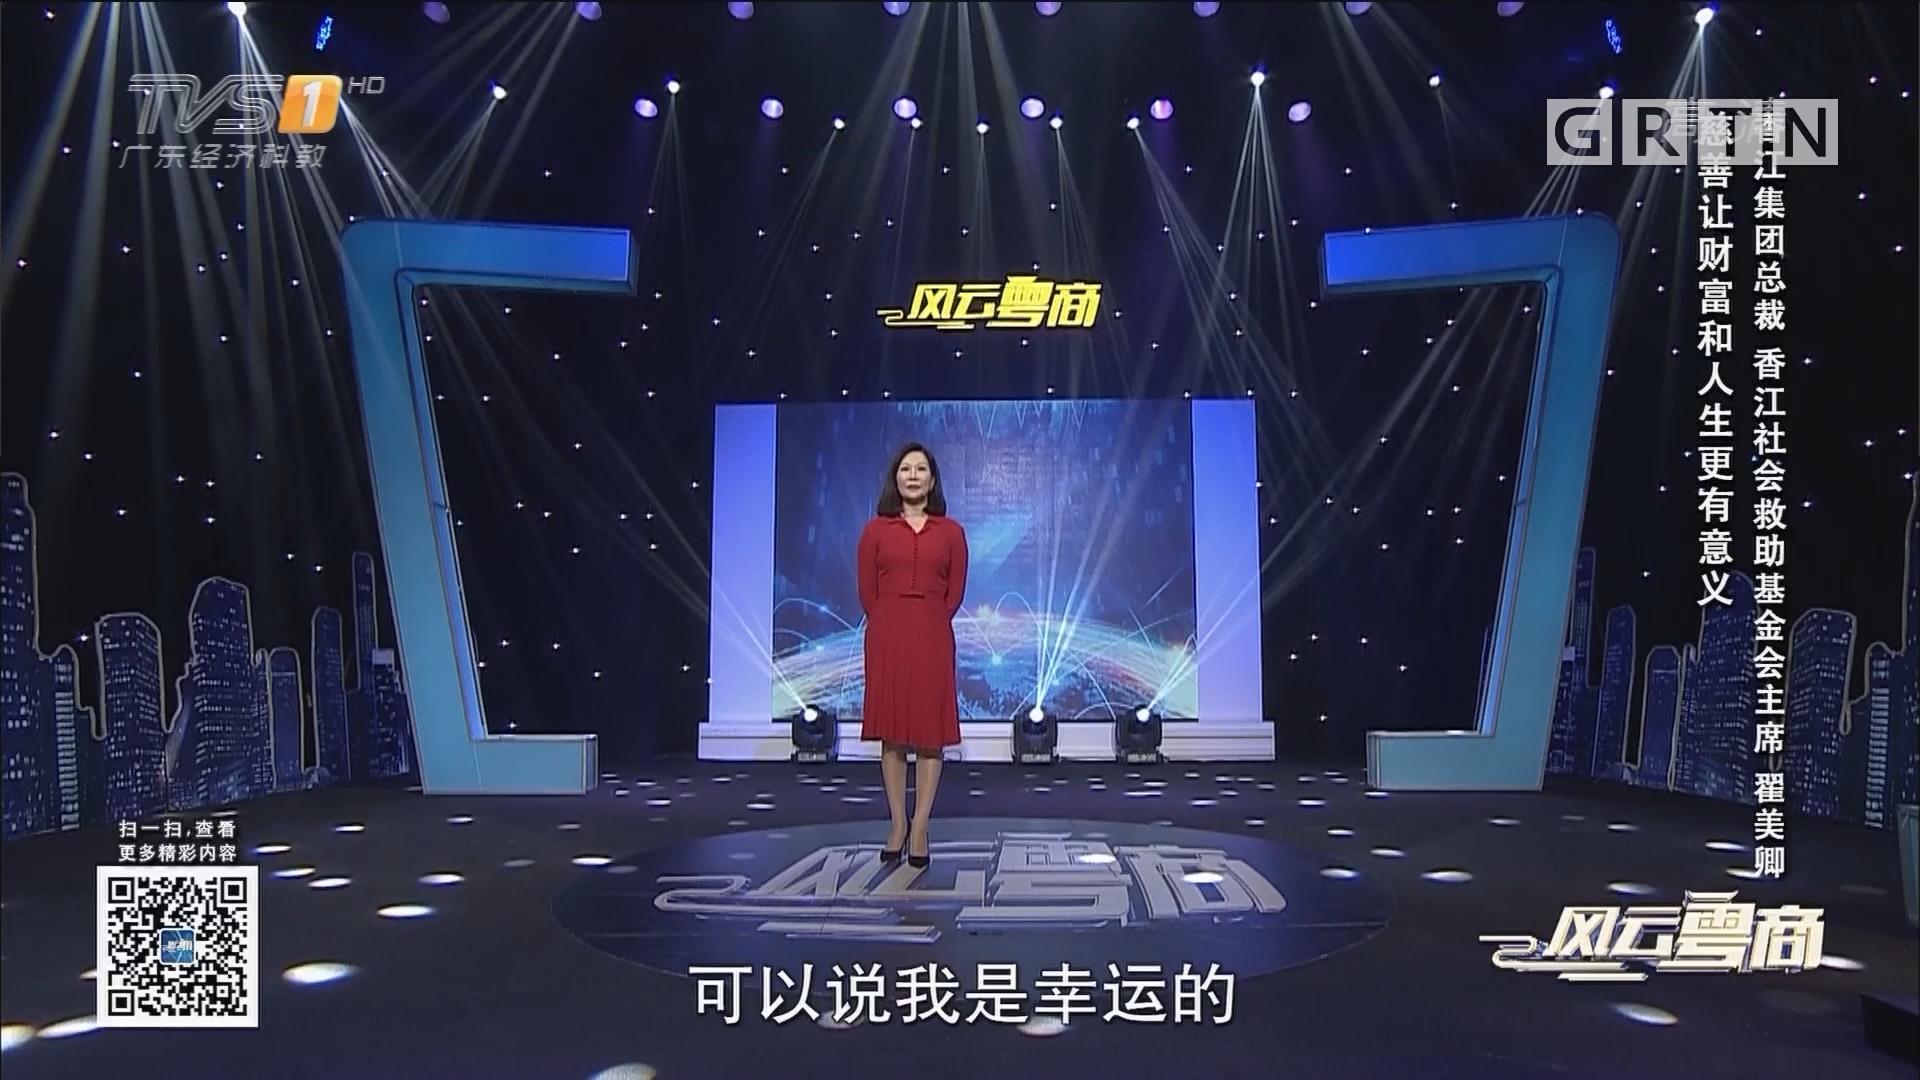 [HD][2019-04-13]风云粤商:慈善让财富和人生更有意义